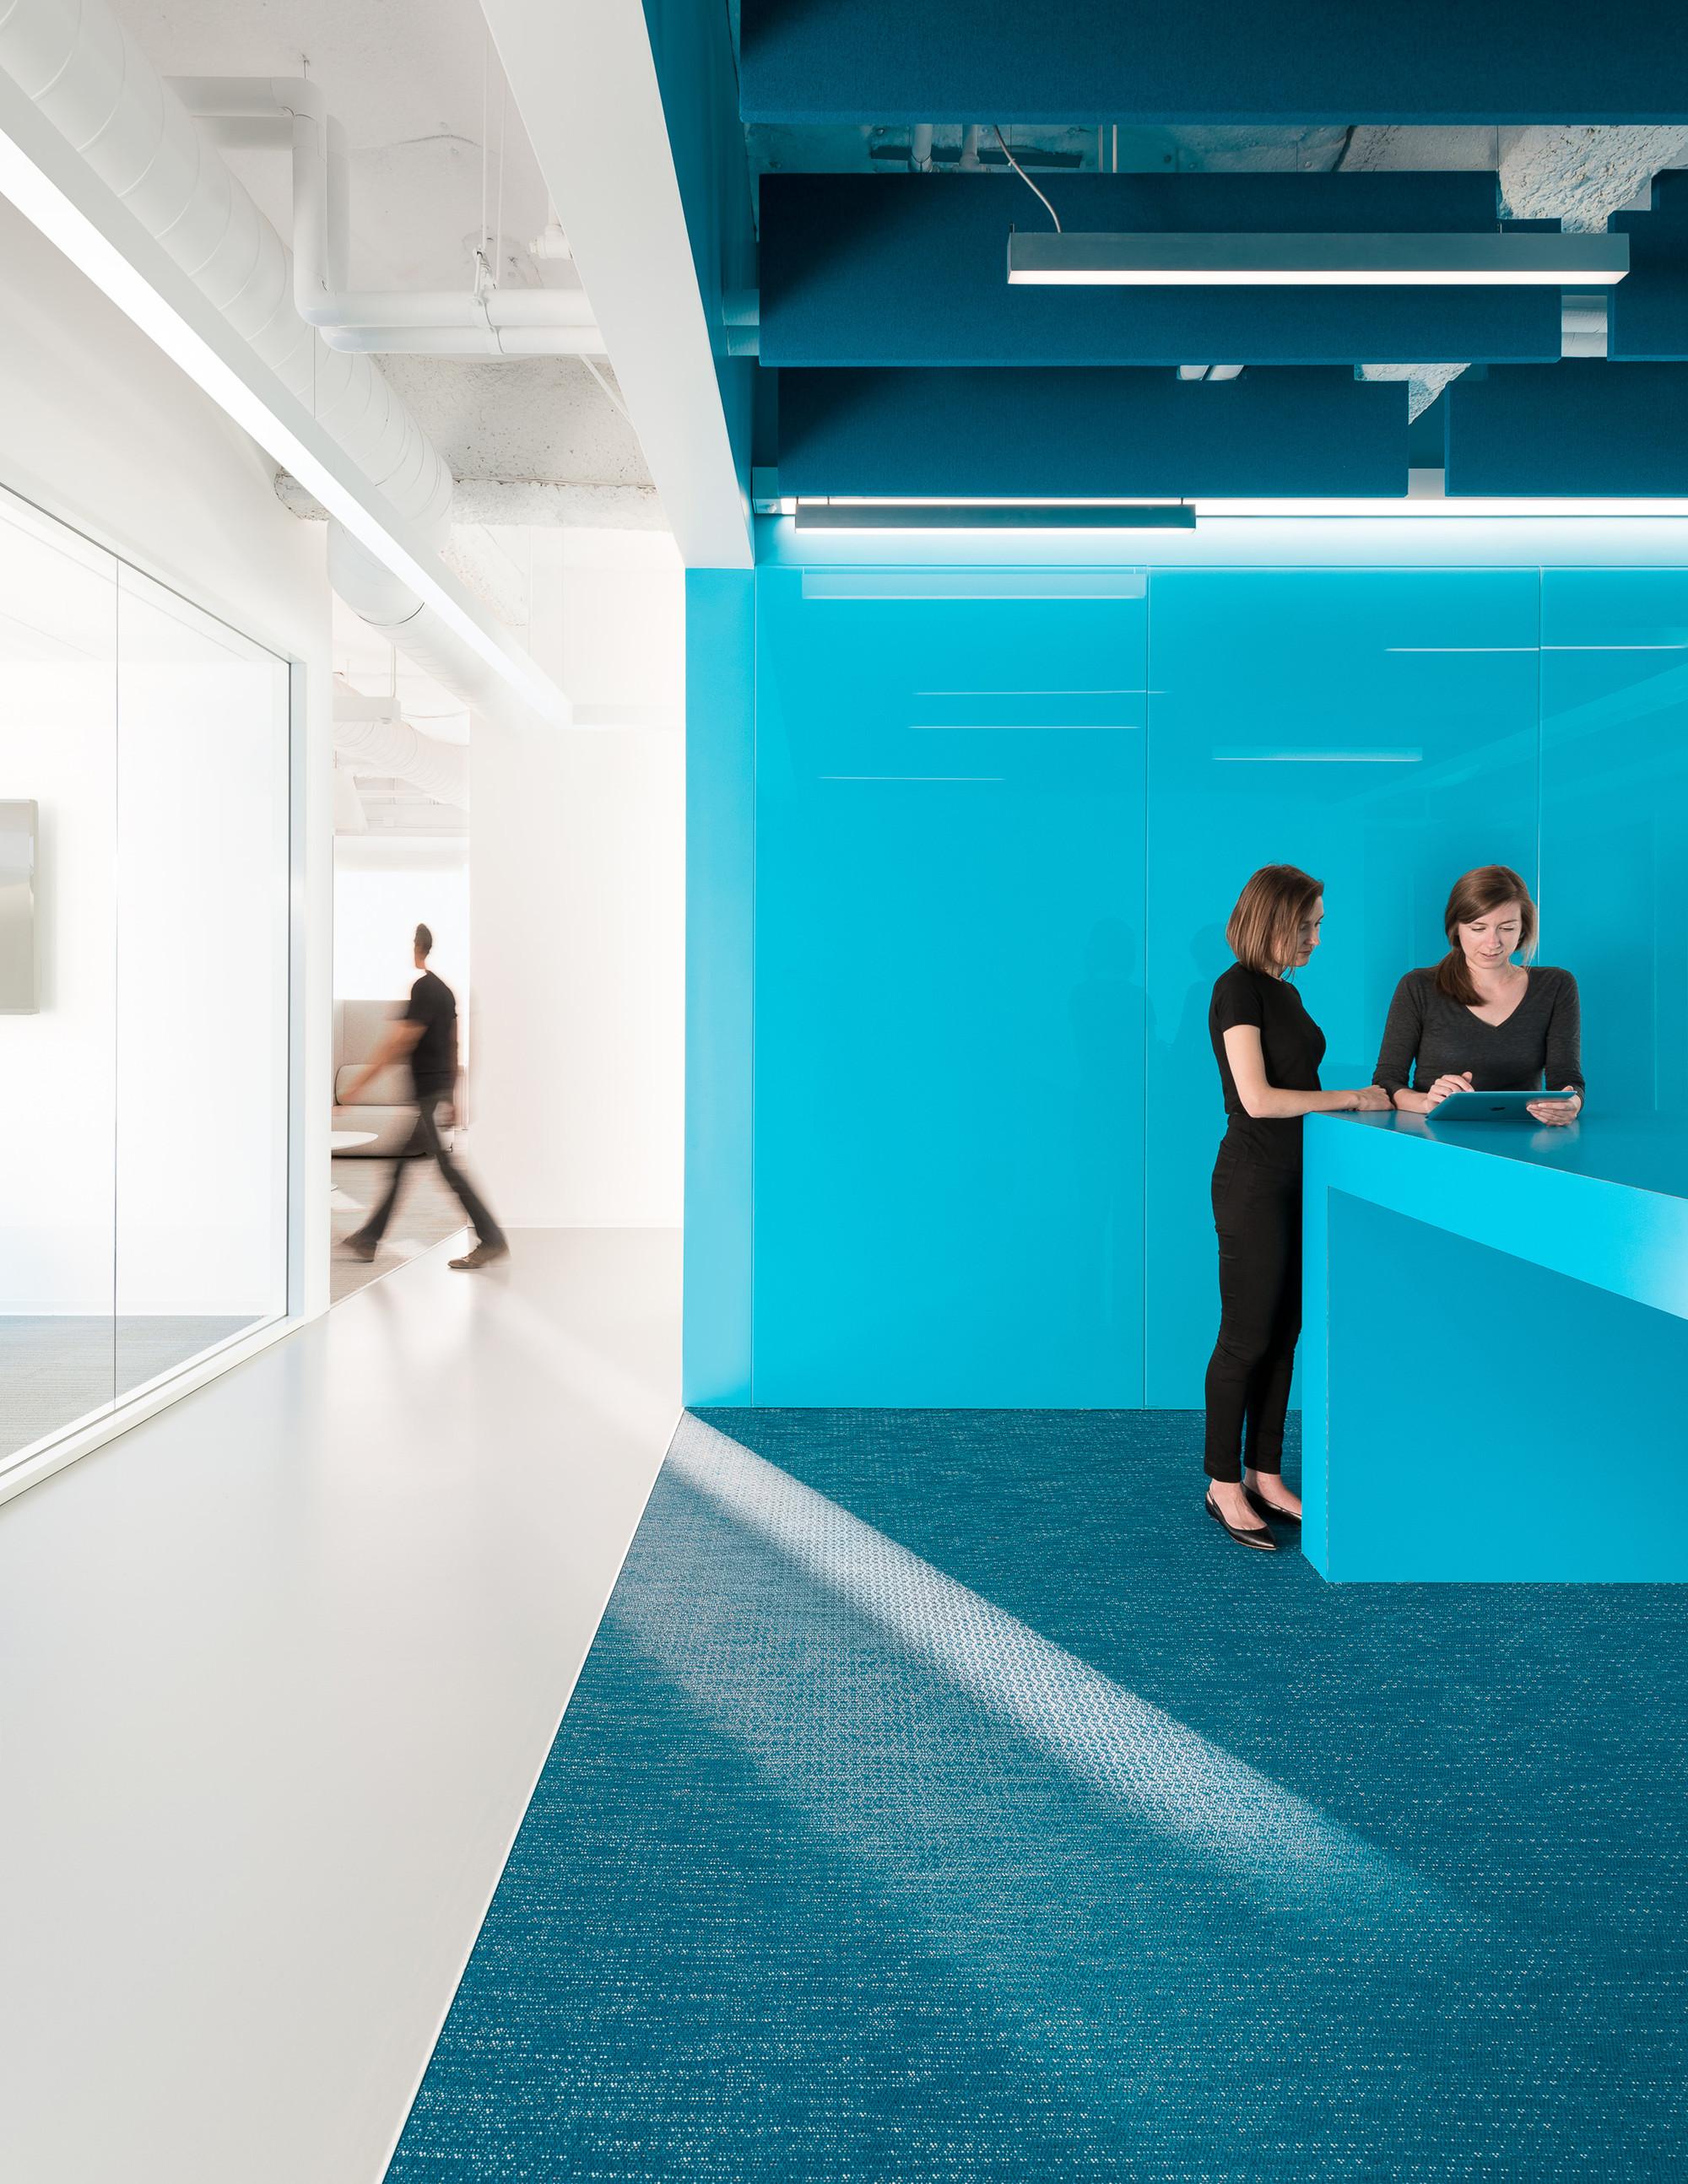 Elastic / Garcia Tamjidi Architecture Design